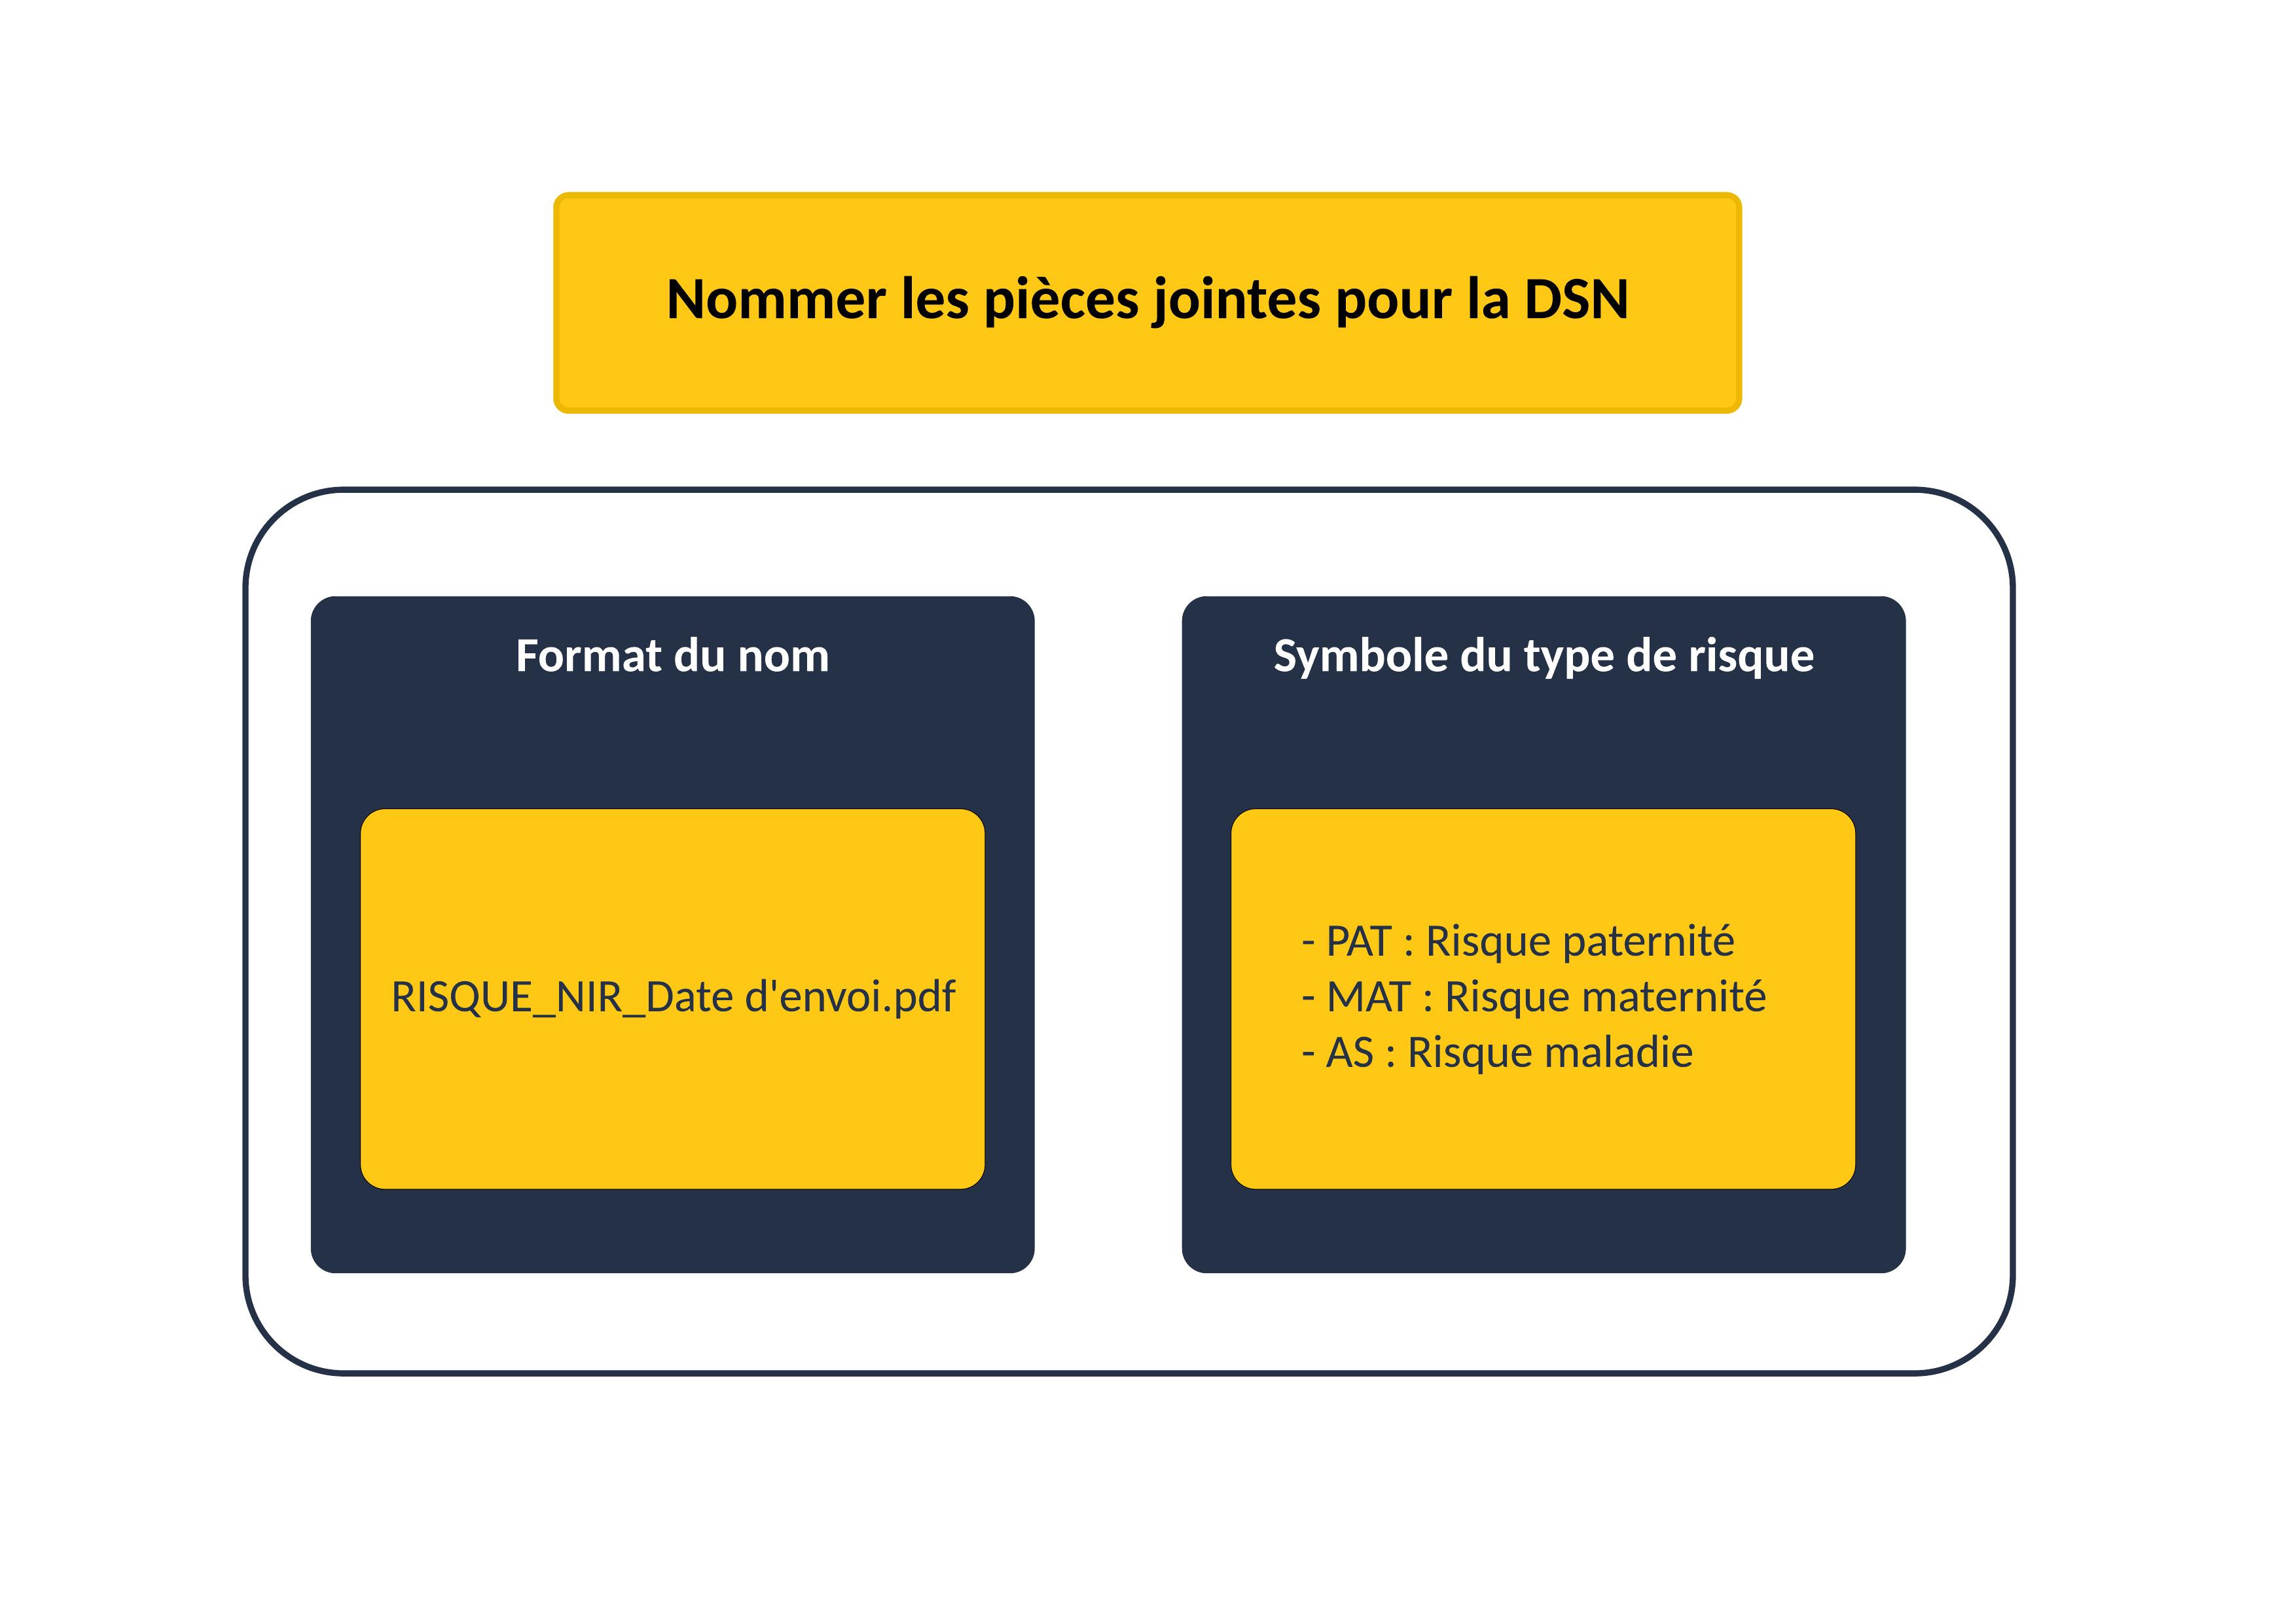 Nommer les pièces jointes pour la DSN